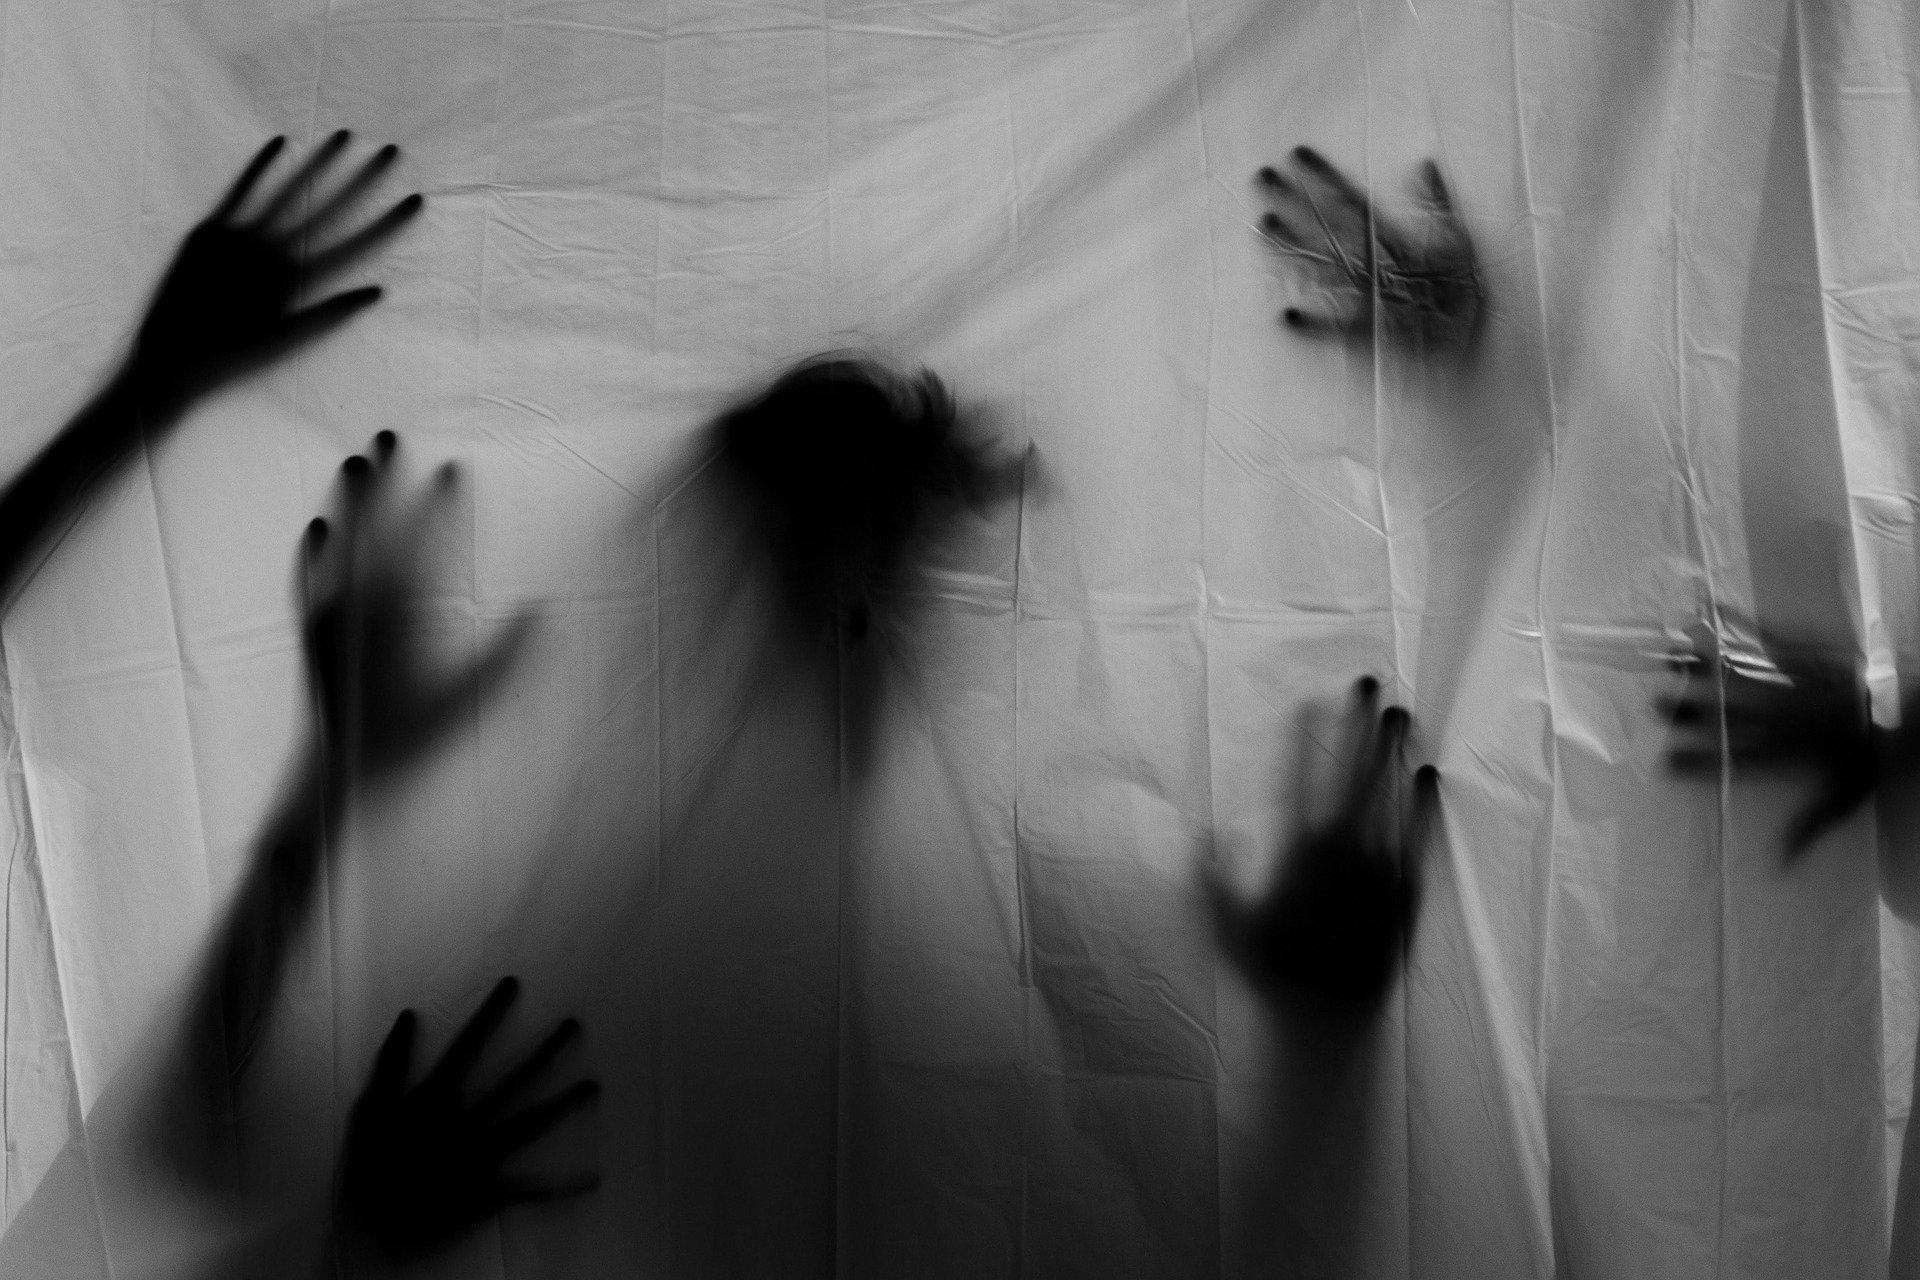 تمثل الصورة ظلا لجسم وأيدي كثيرة من وراء ستار كتوضيح لحالة الكاتب